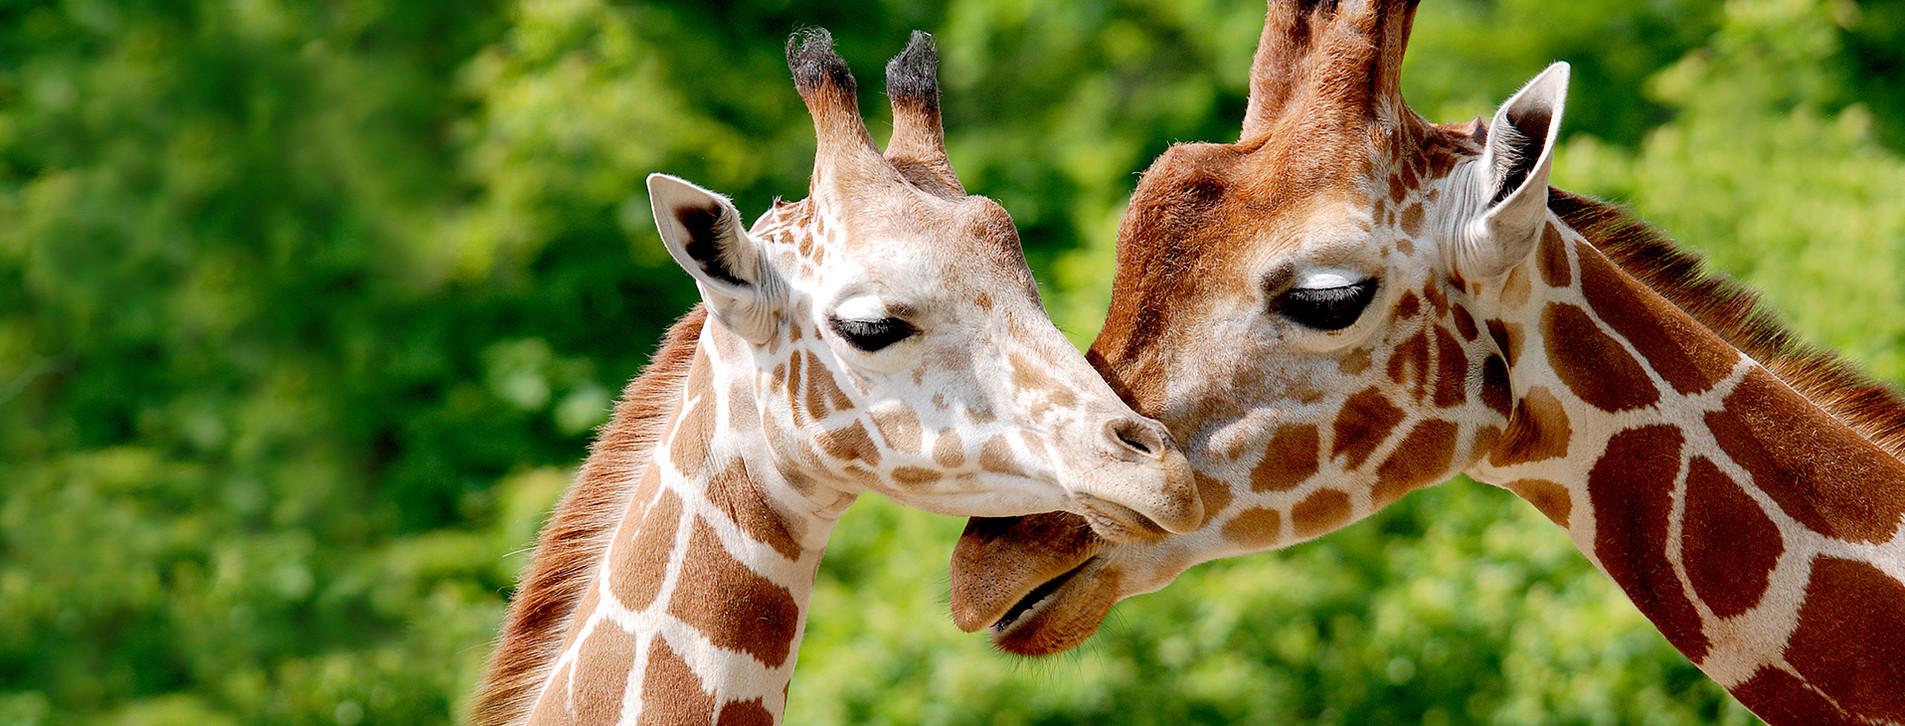 Фото - Зоопарк «12 месяцев» для компании